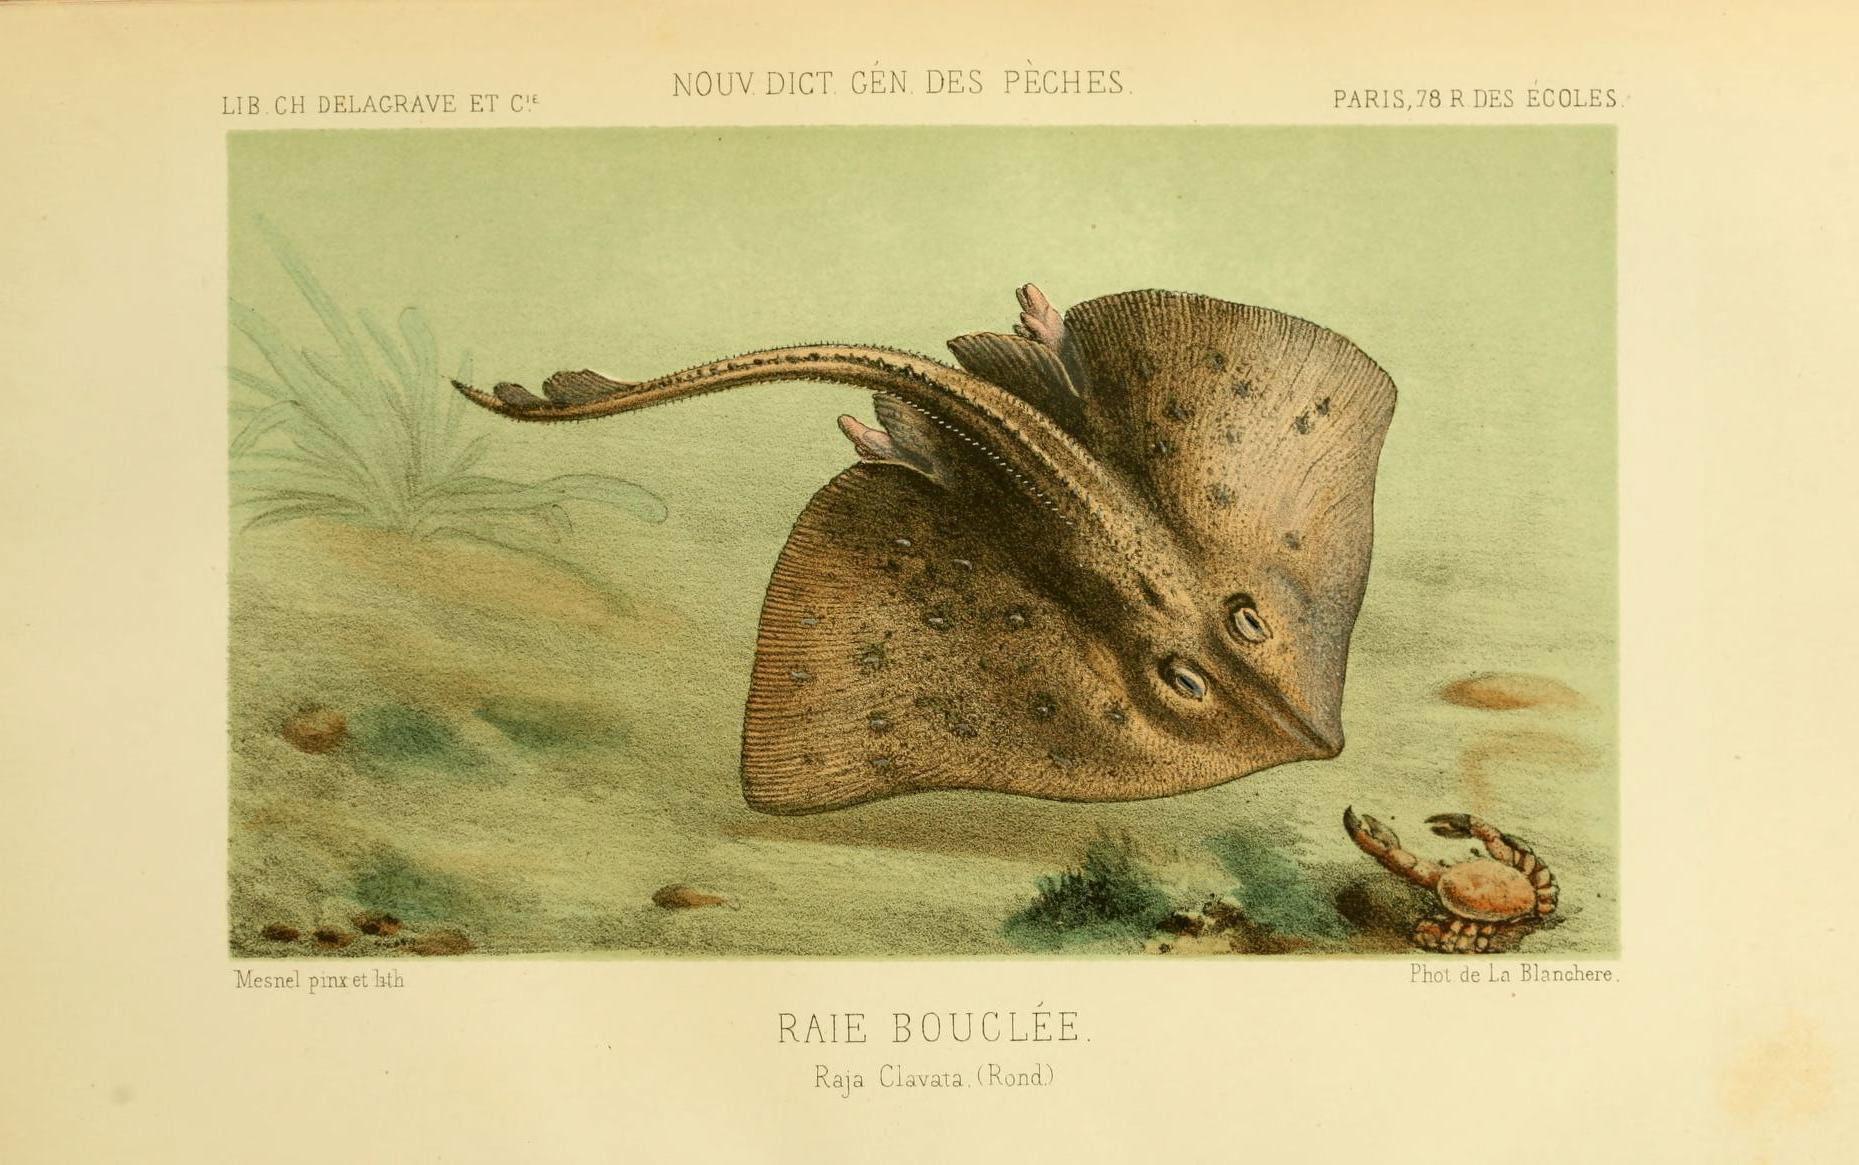 Image of Thornback skate